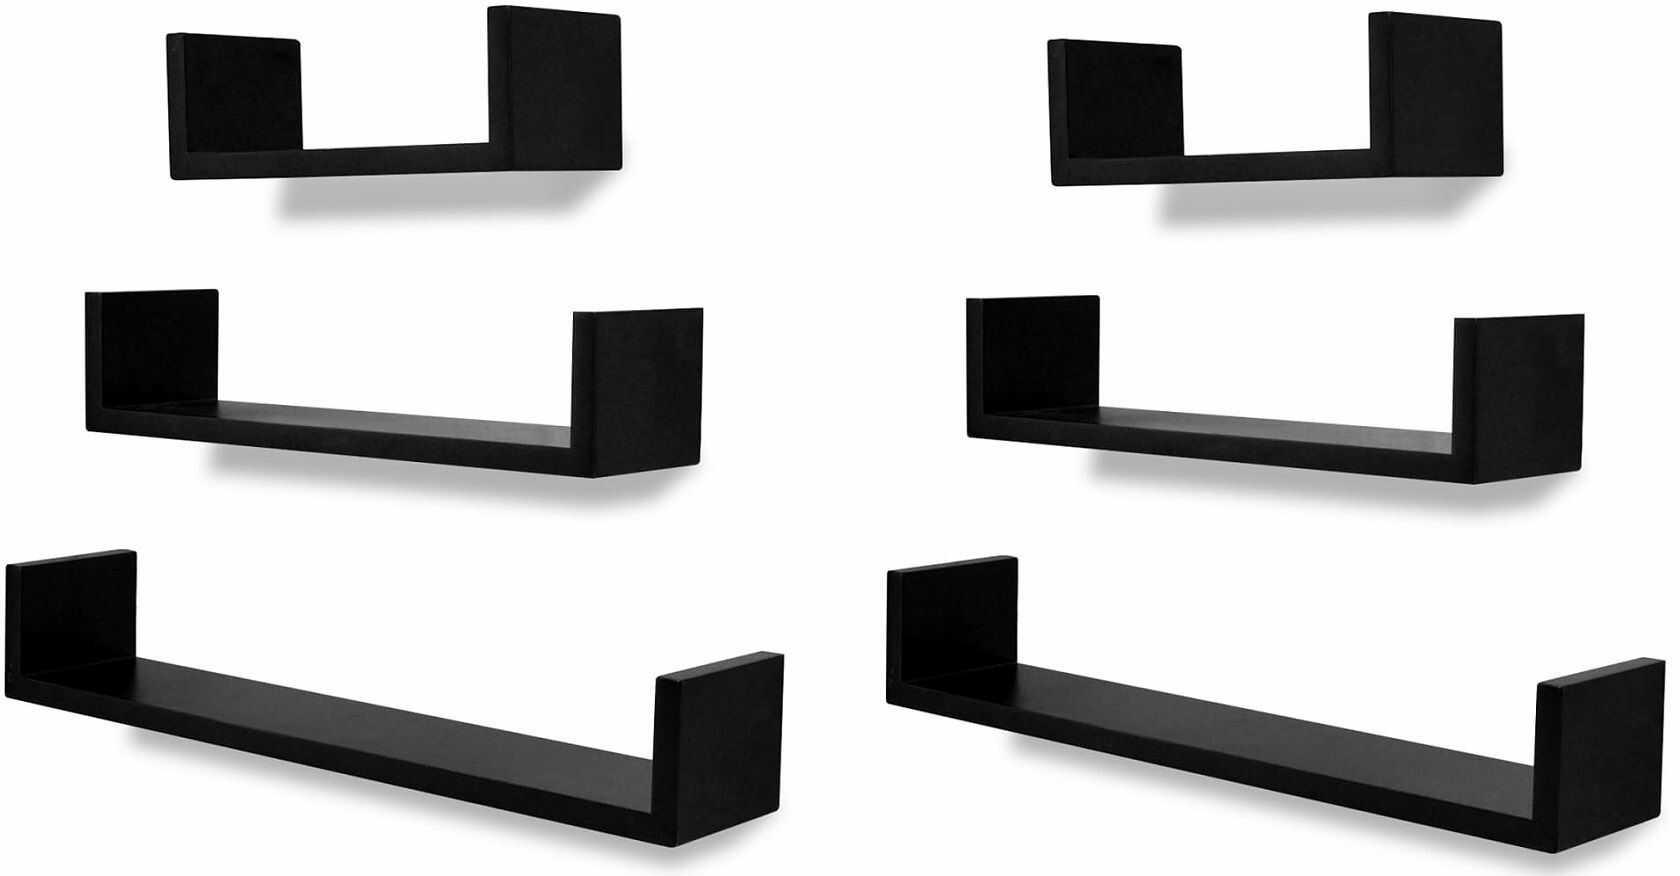 Zestaw funkcjonalnych półek ściennych Baffic 4X - czarny